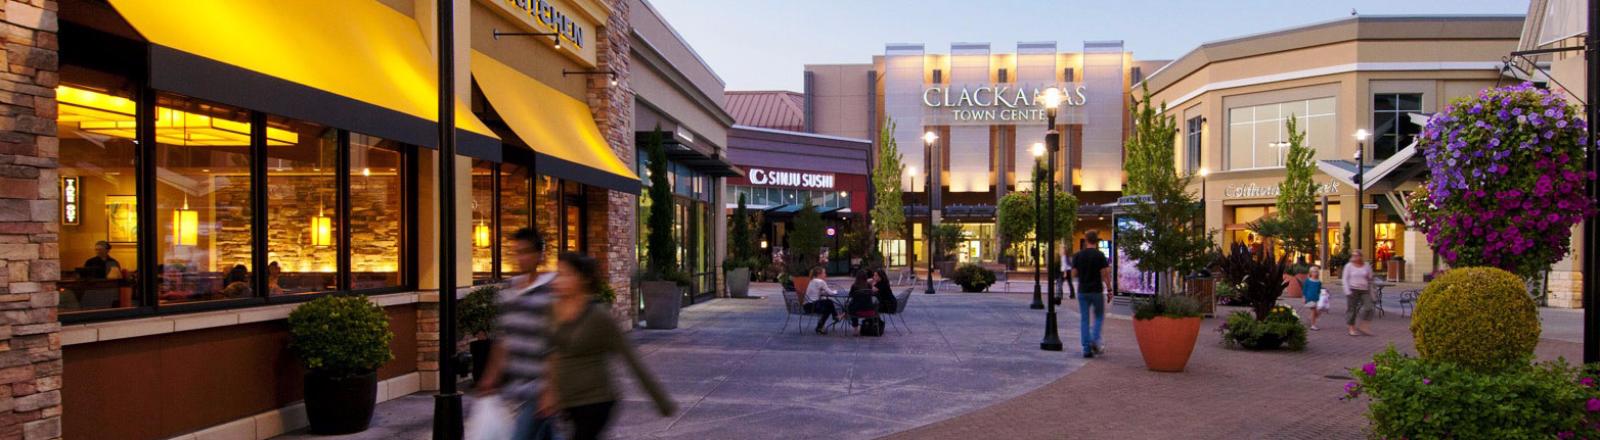 Clackamas Town Center, shopping, mall